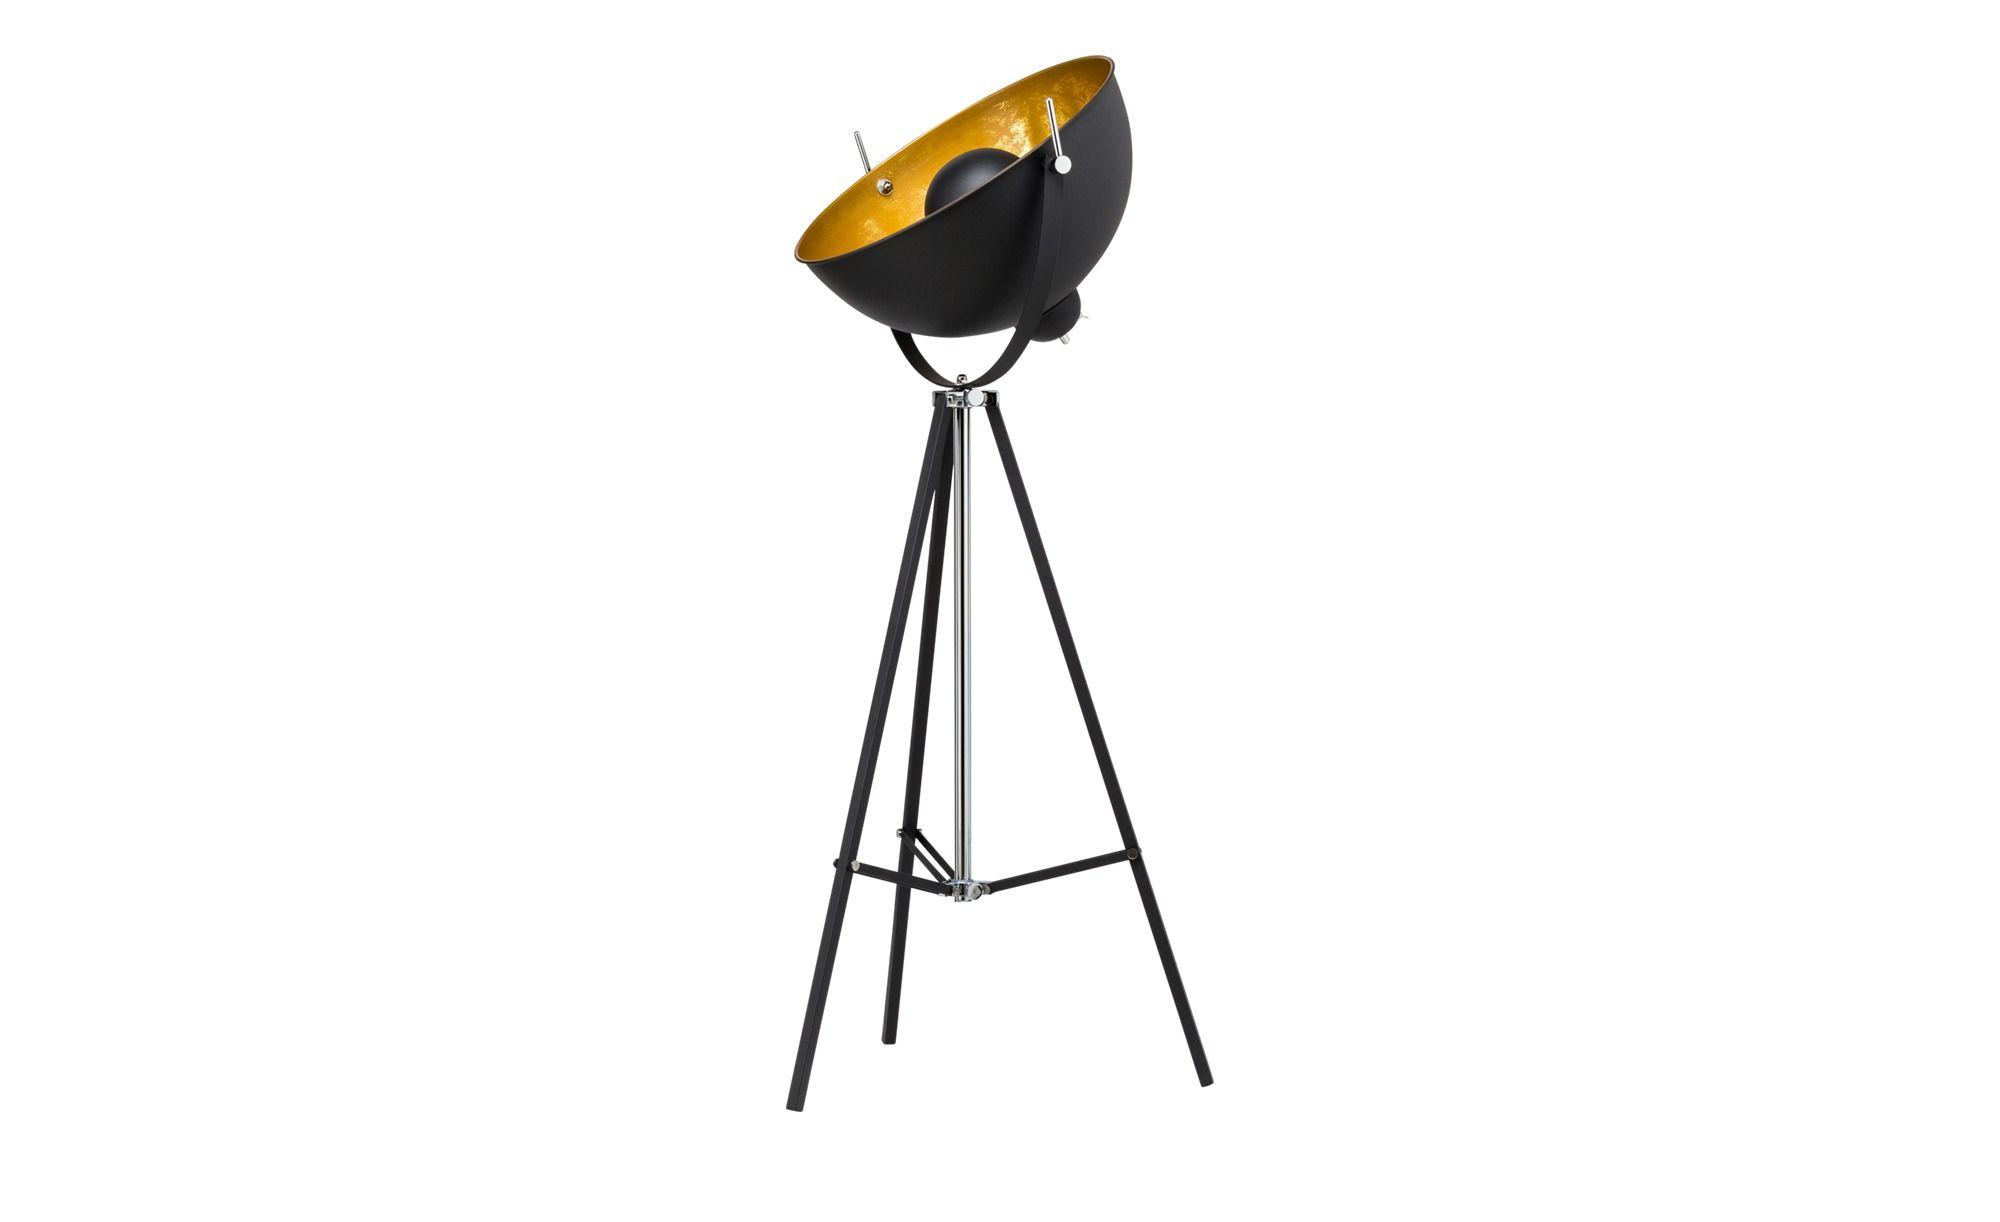 Home Story Stehleuchte Im Studiolampen Design Schwarz Lampen